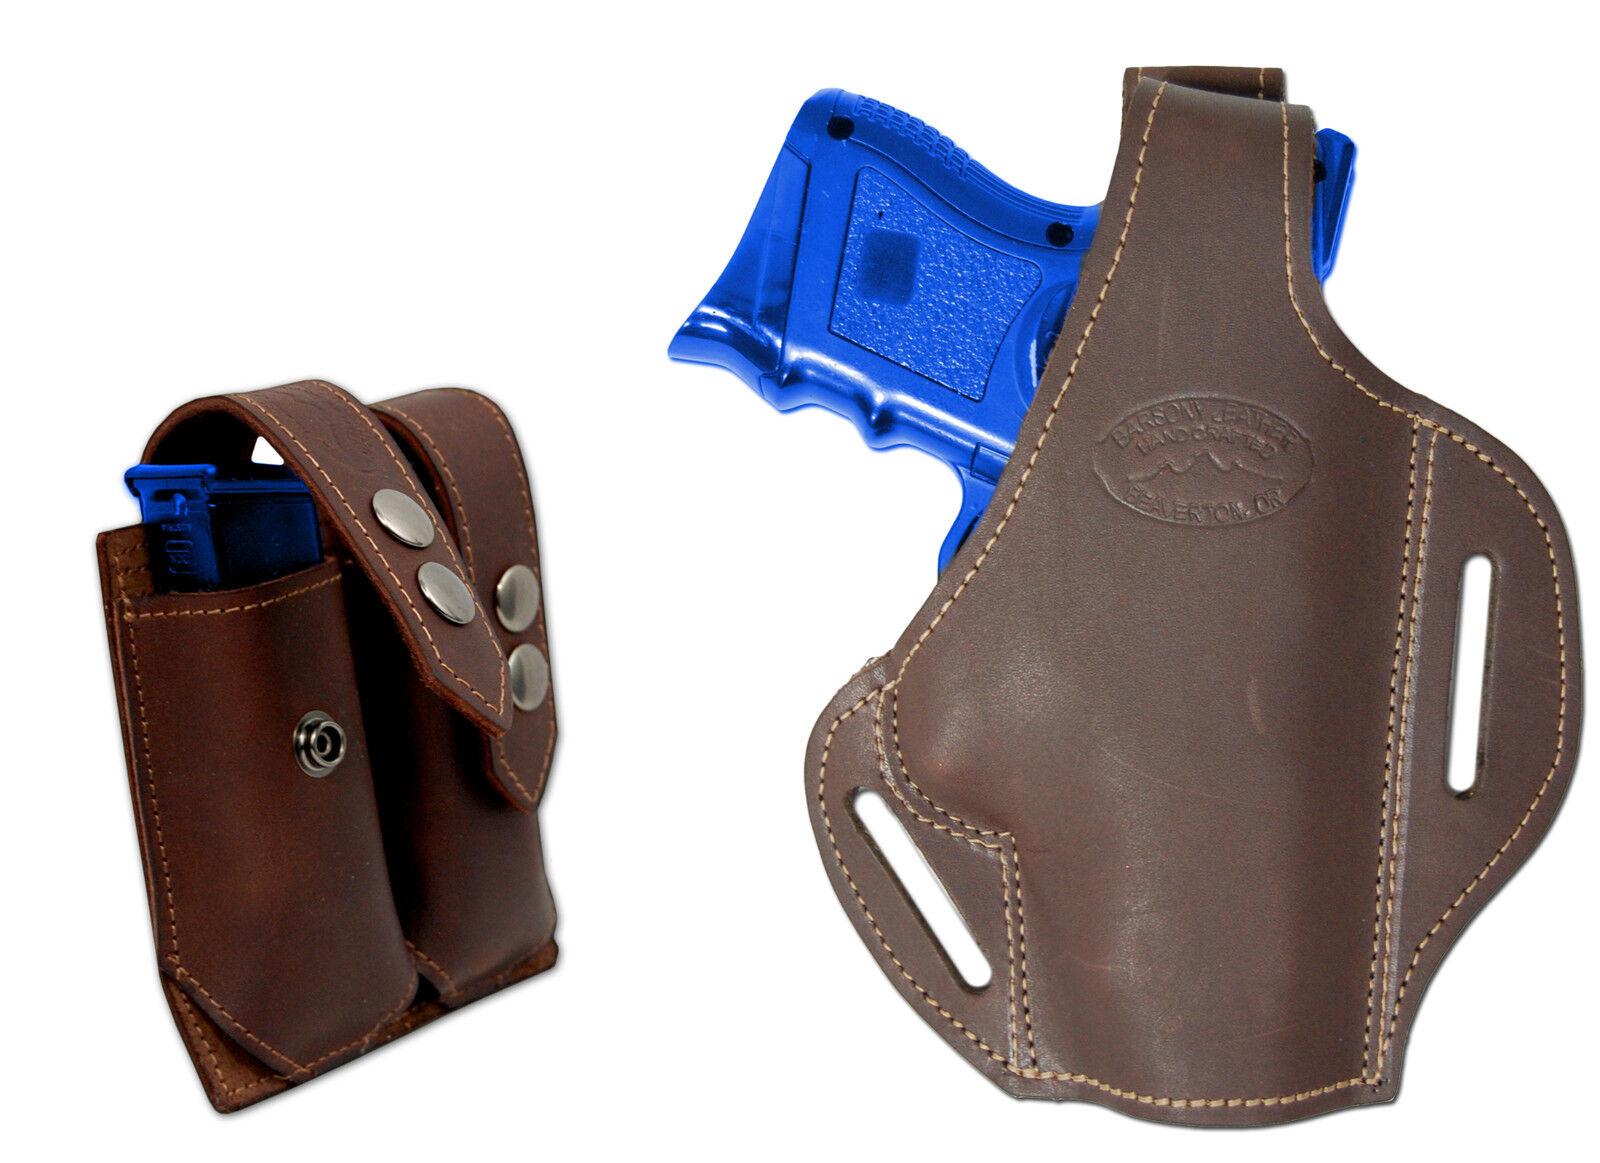 Nuevo marrón cuero panqueque Funda Pistola + Dbl Mag Pouch Bersa Compacto 9mm 40 45